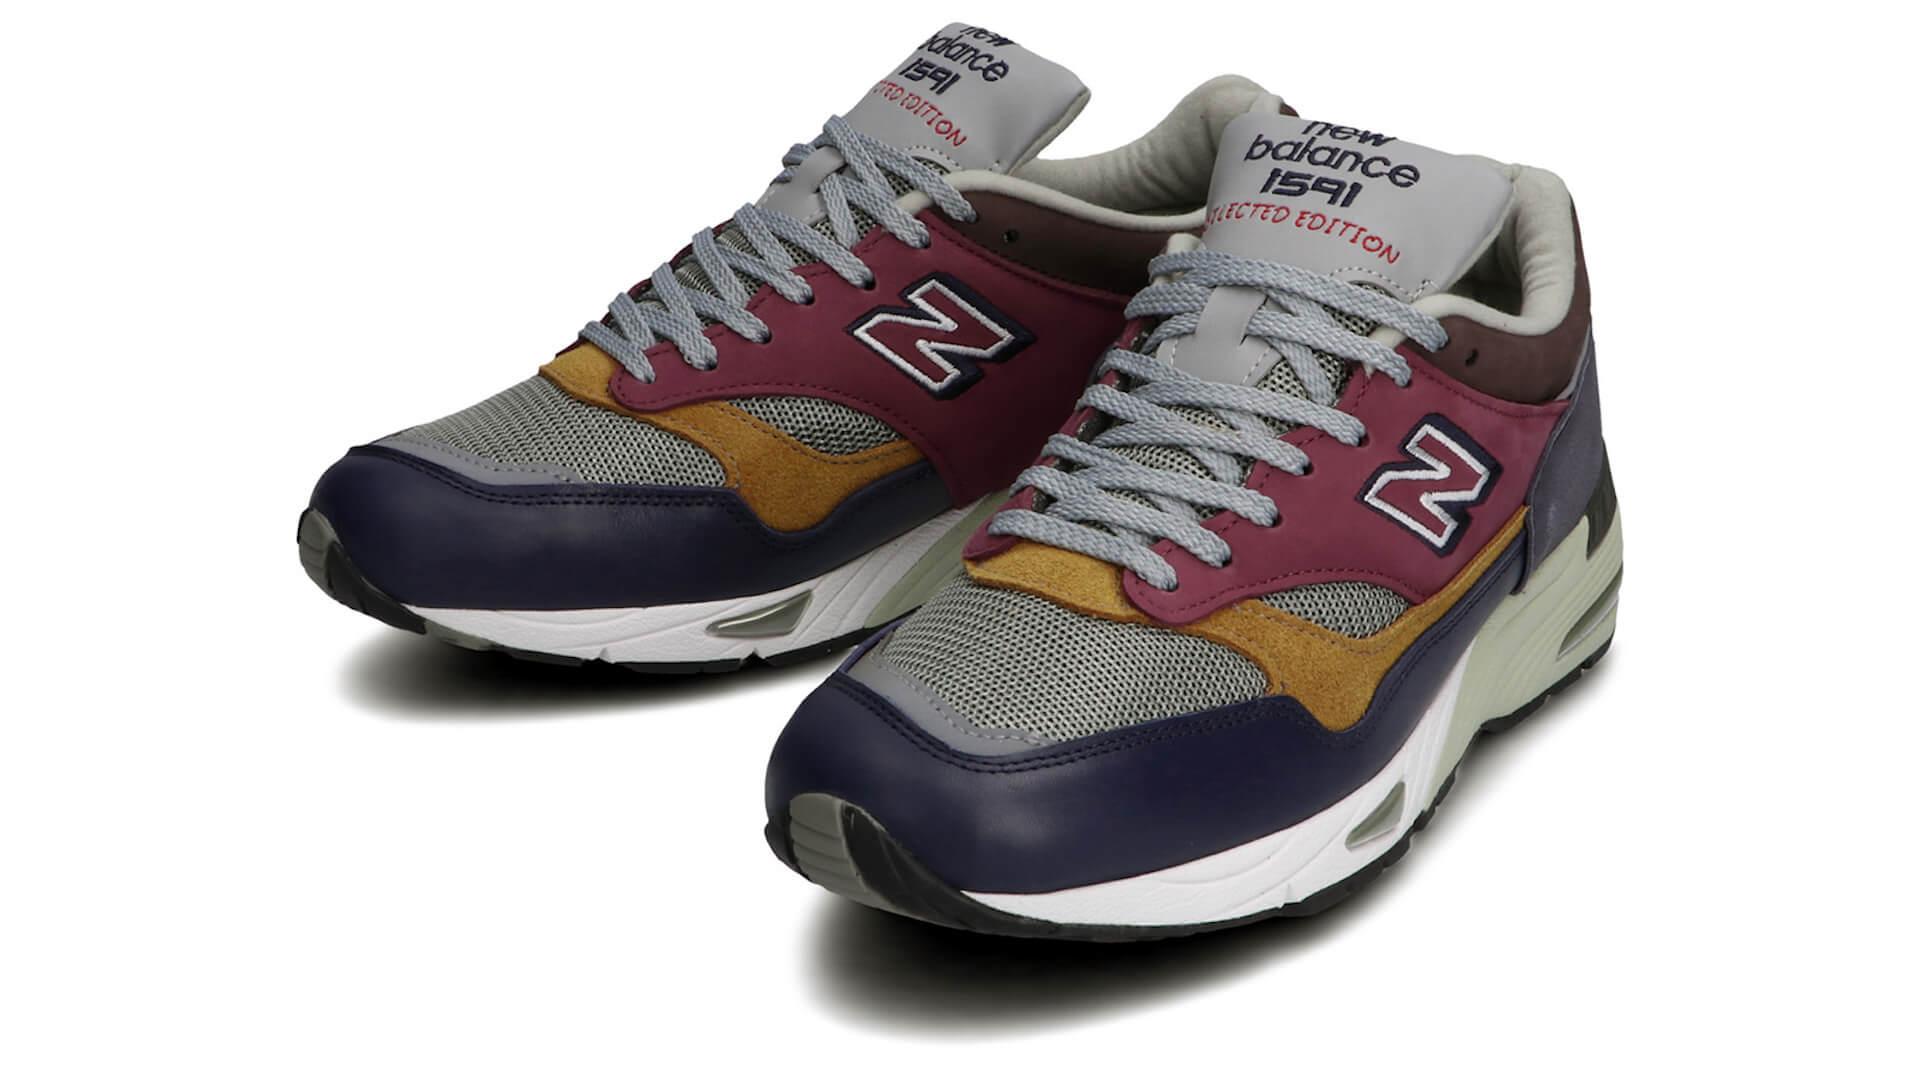 ニューバランスフラッグシップストアにMade in U.K.限定モデルが登場!「770」「670」「1591」「991.5」の4モデル life210507_newbalance_shoes_6